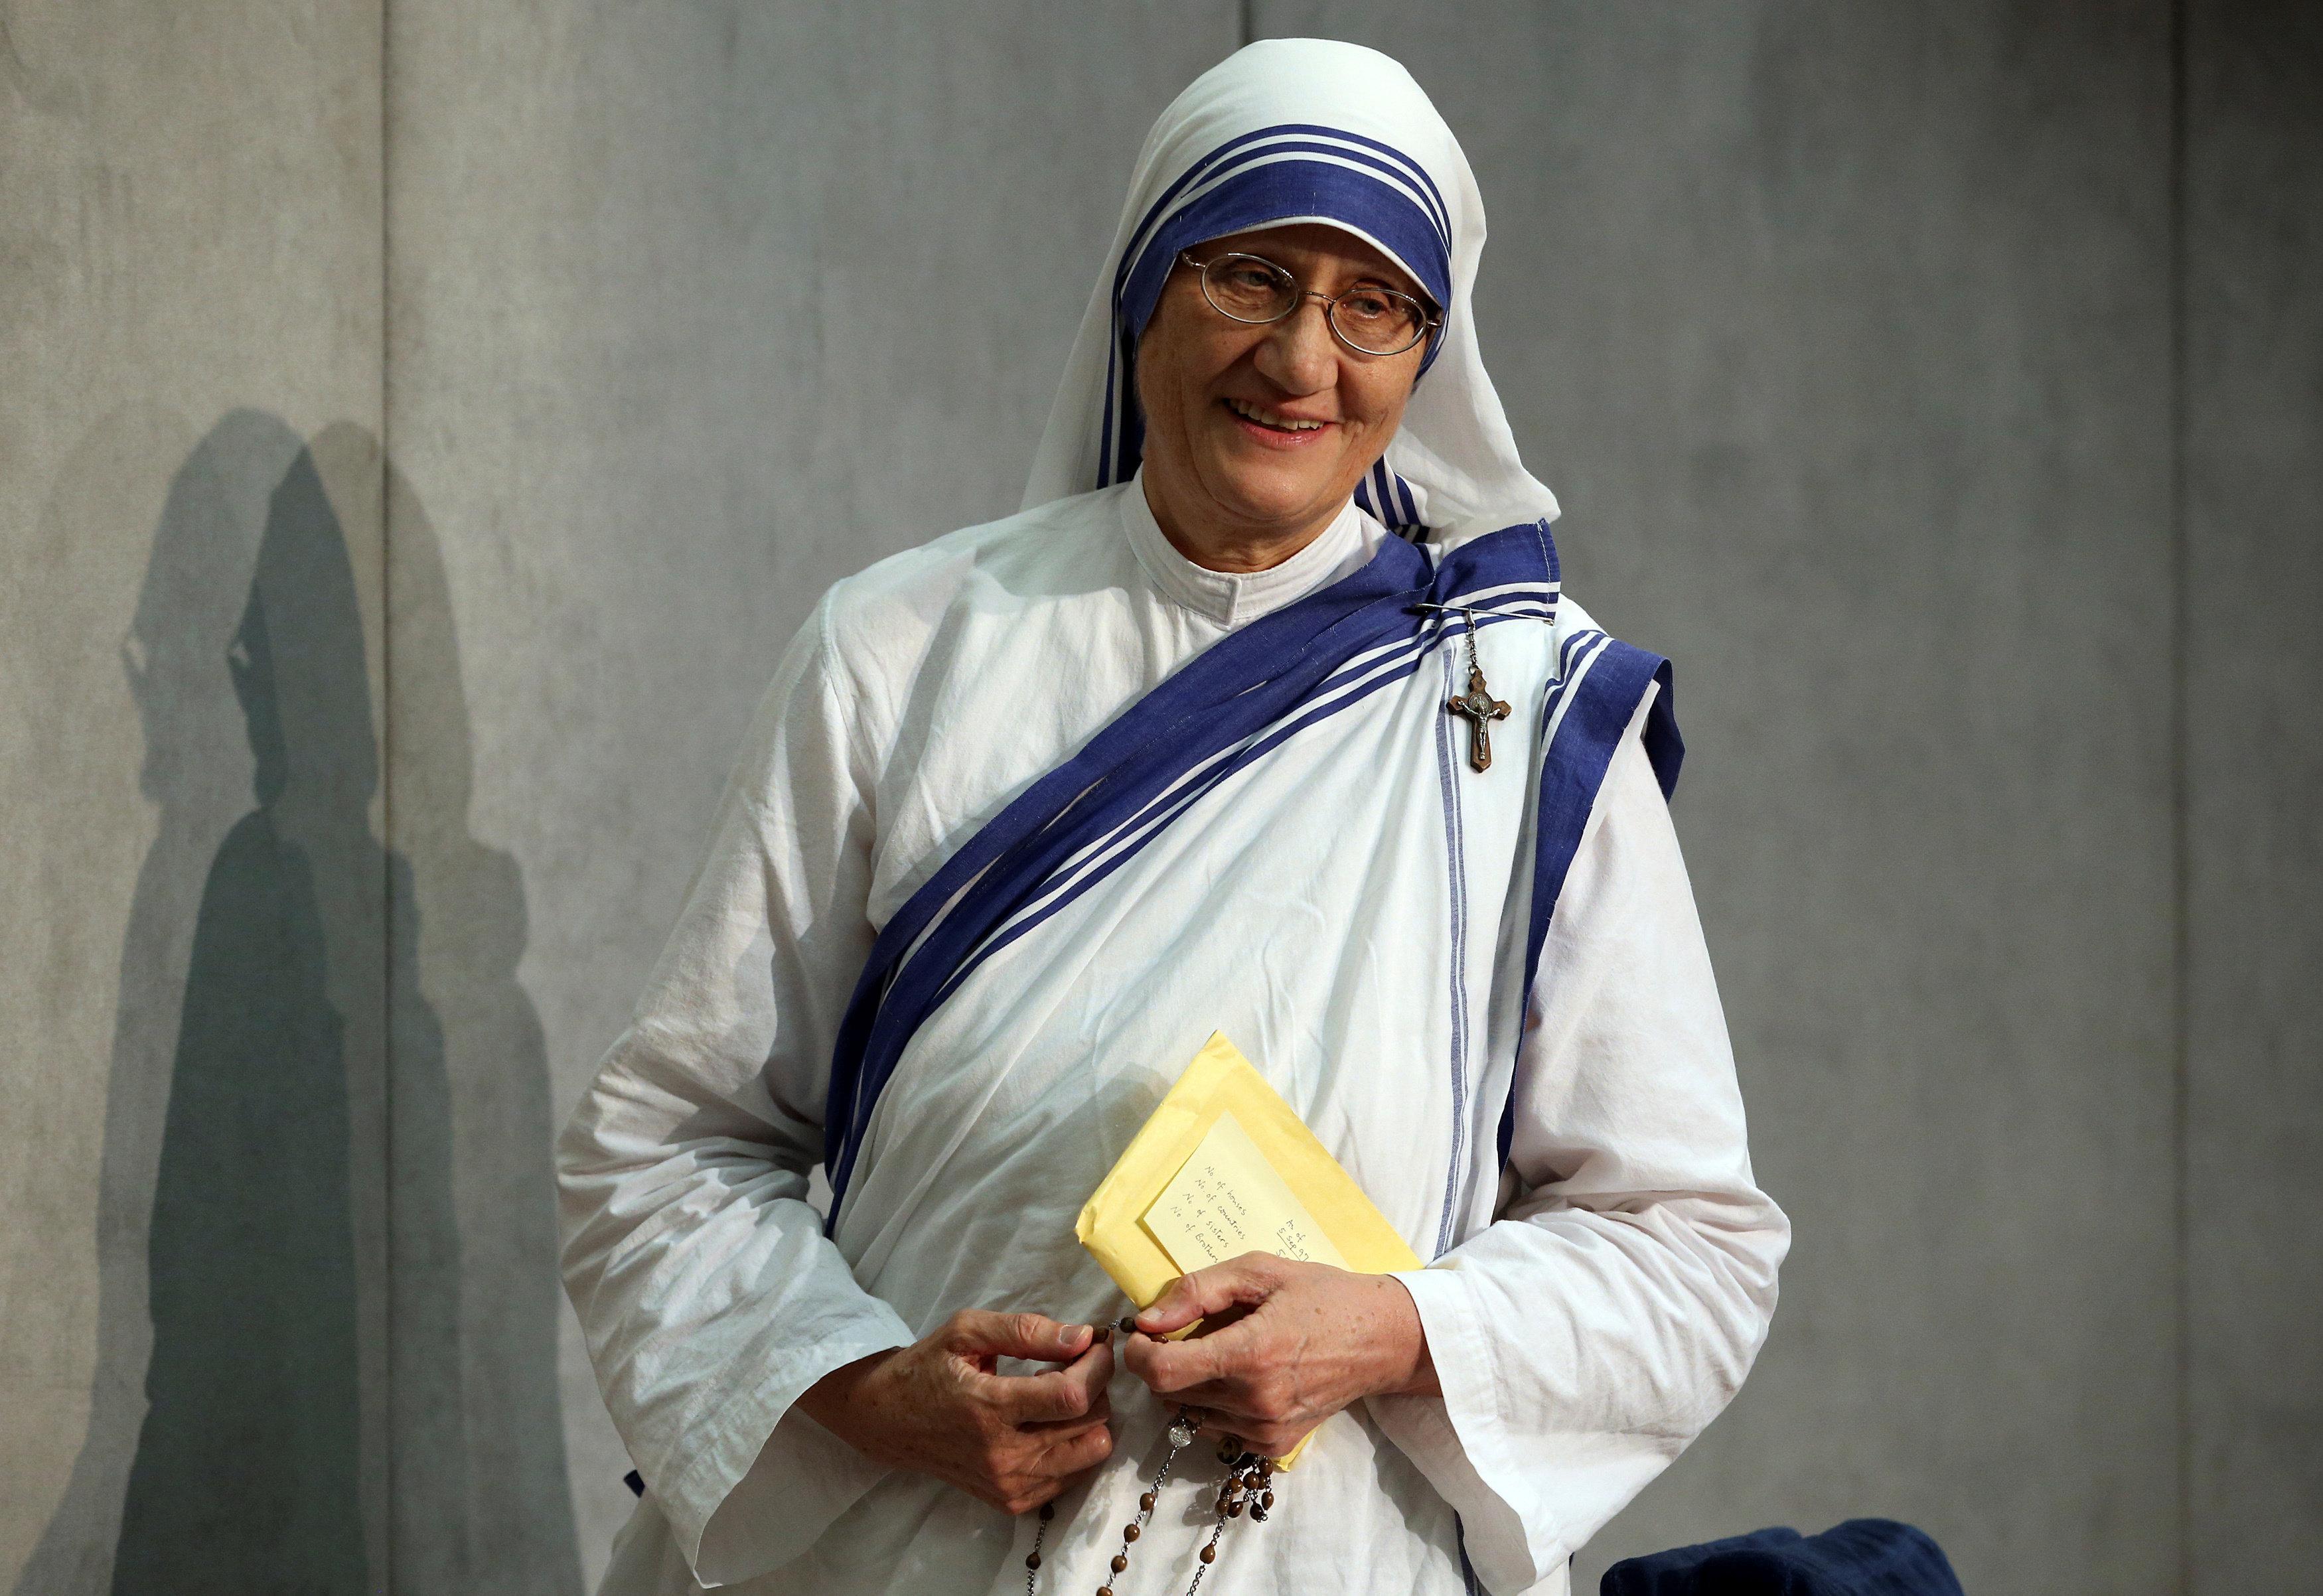 Bericht: Grausame Vorwürfe gegen den Orden von Mutter